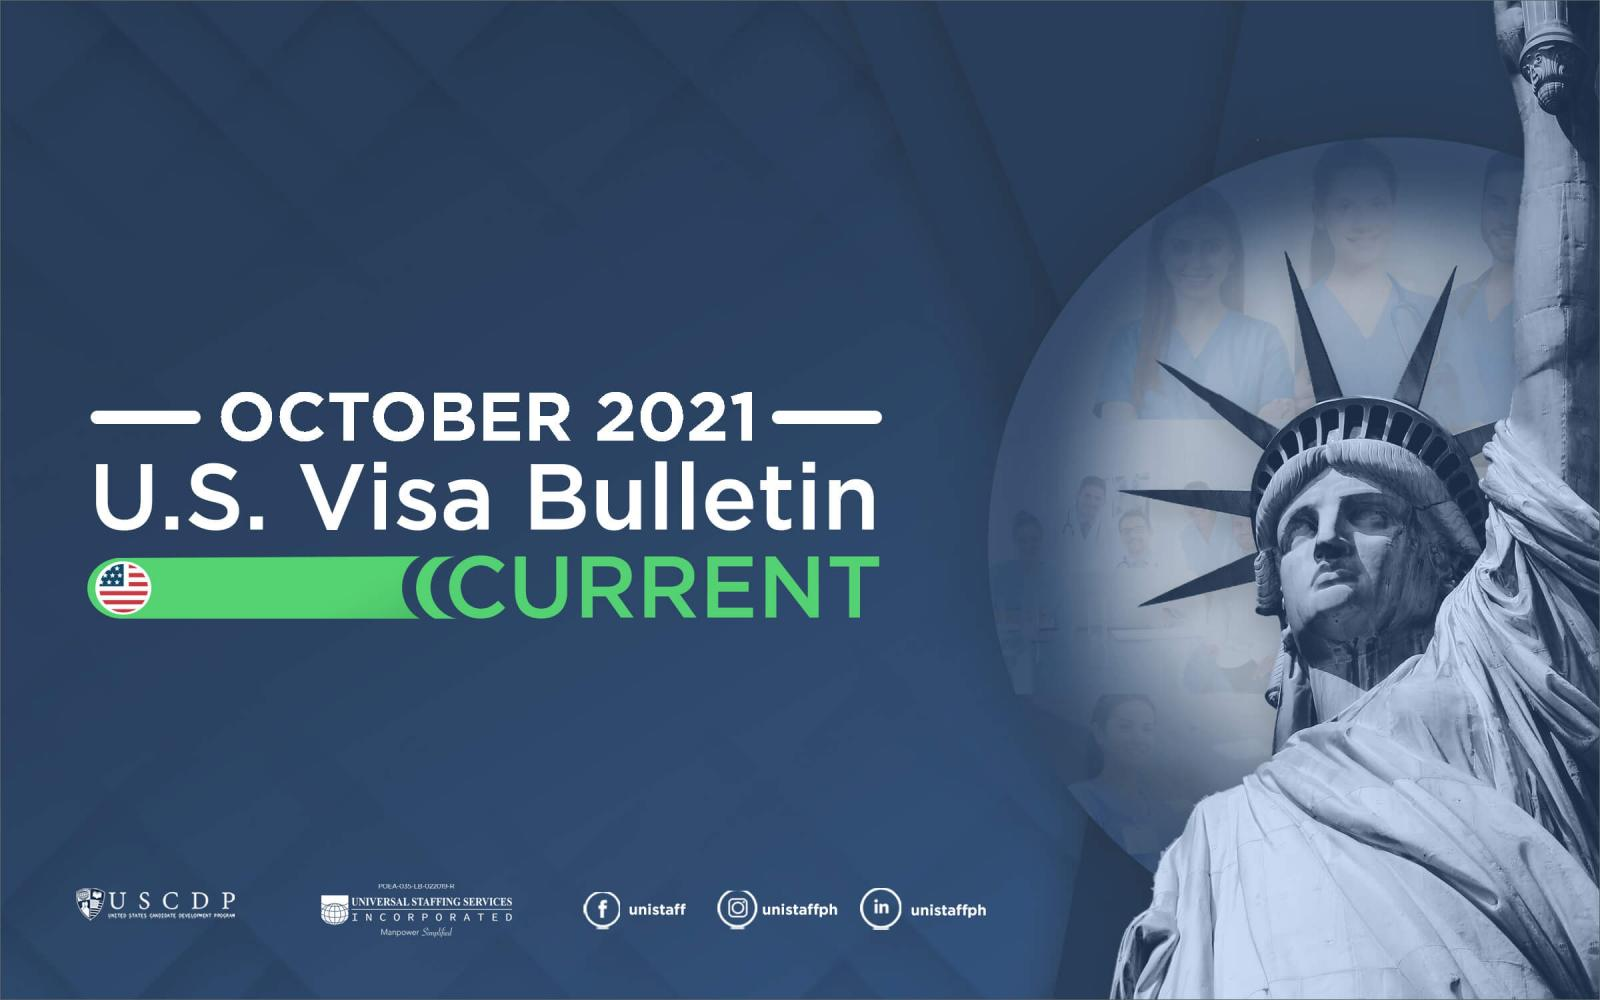 US Visa Bulletin September 2021